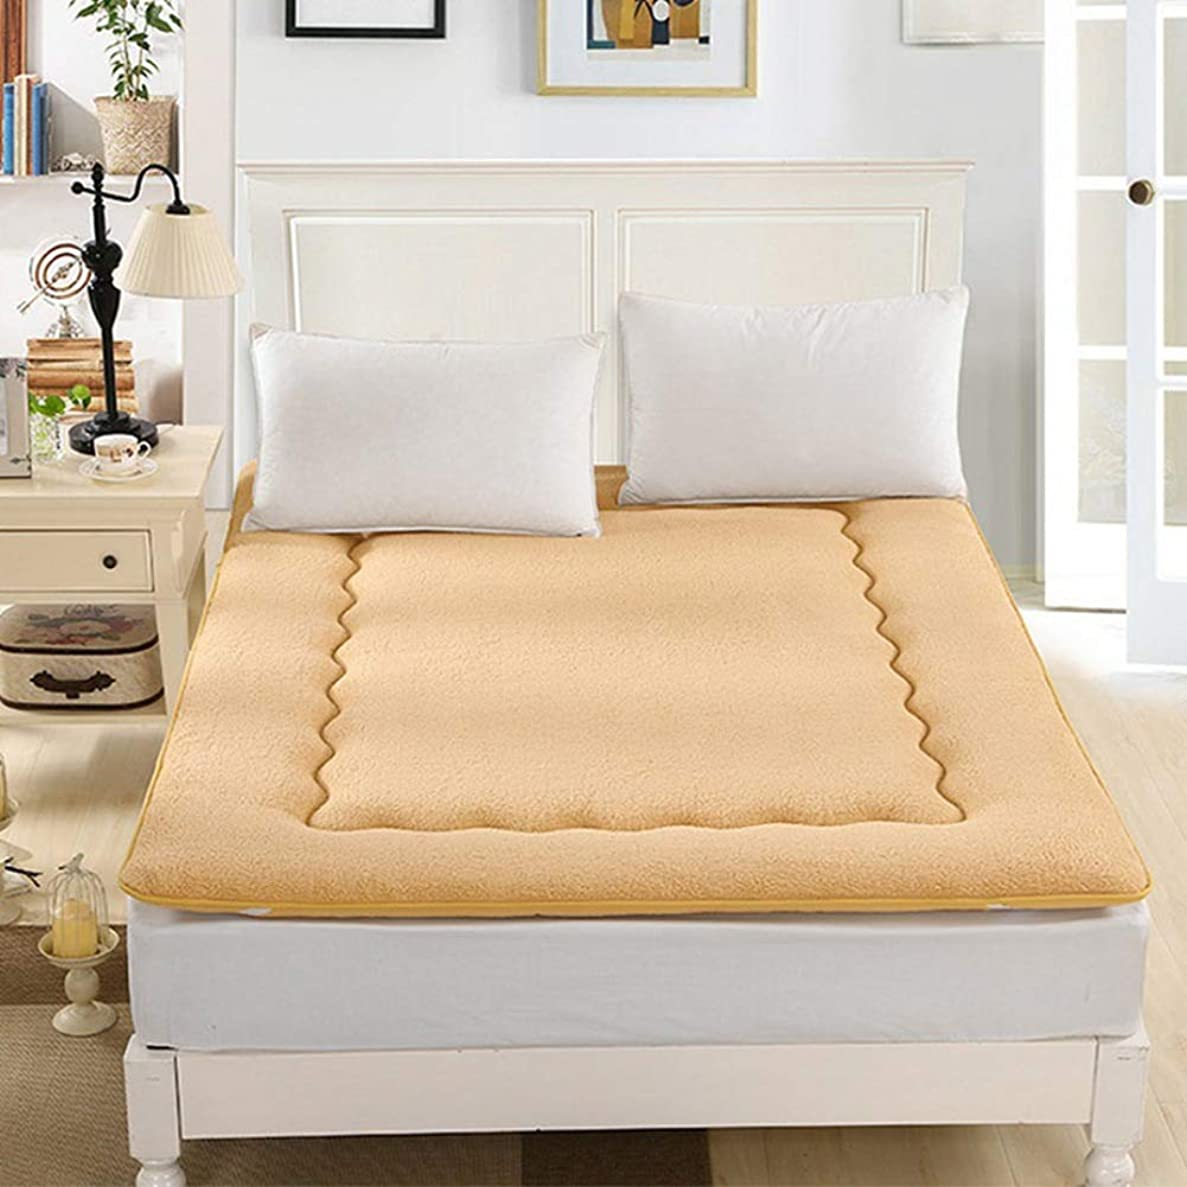 葉っぱ導出資本主義フランネル 日本語 床 布団 マットレス, パッドを睡眠 マットマット 日本語 ベッド ロール 式 マットレスをロールアップします。 マットレス トッパー パッド -イエロー 135x200cm(53x79inch)